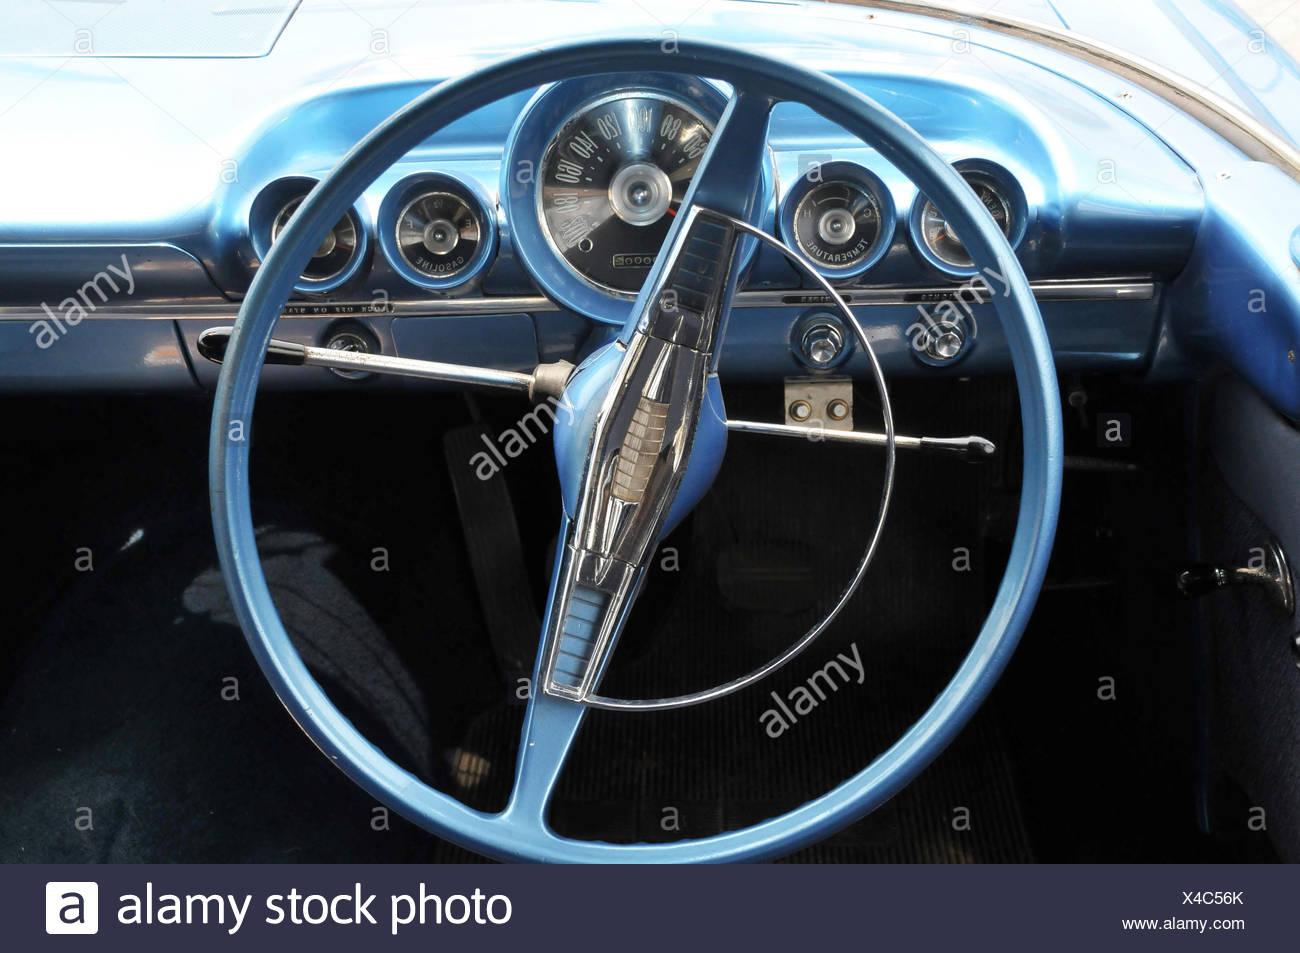 Automobile panel, car, São Paulo, Brazil - Stock Image